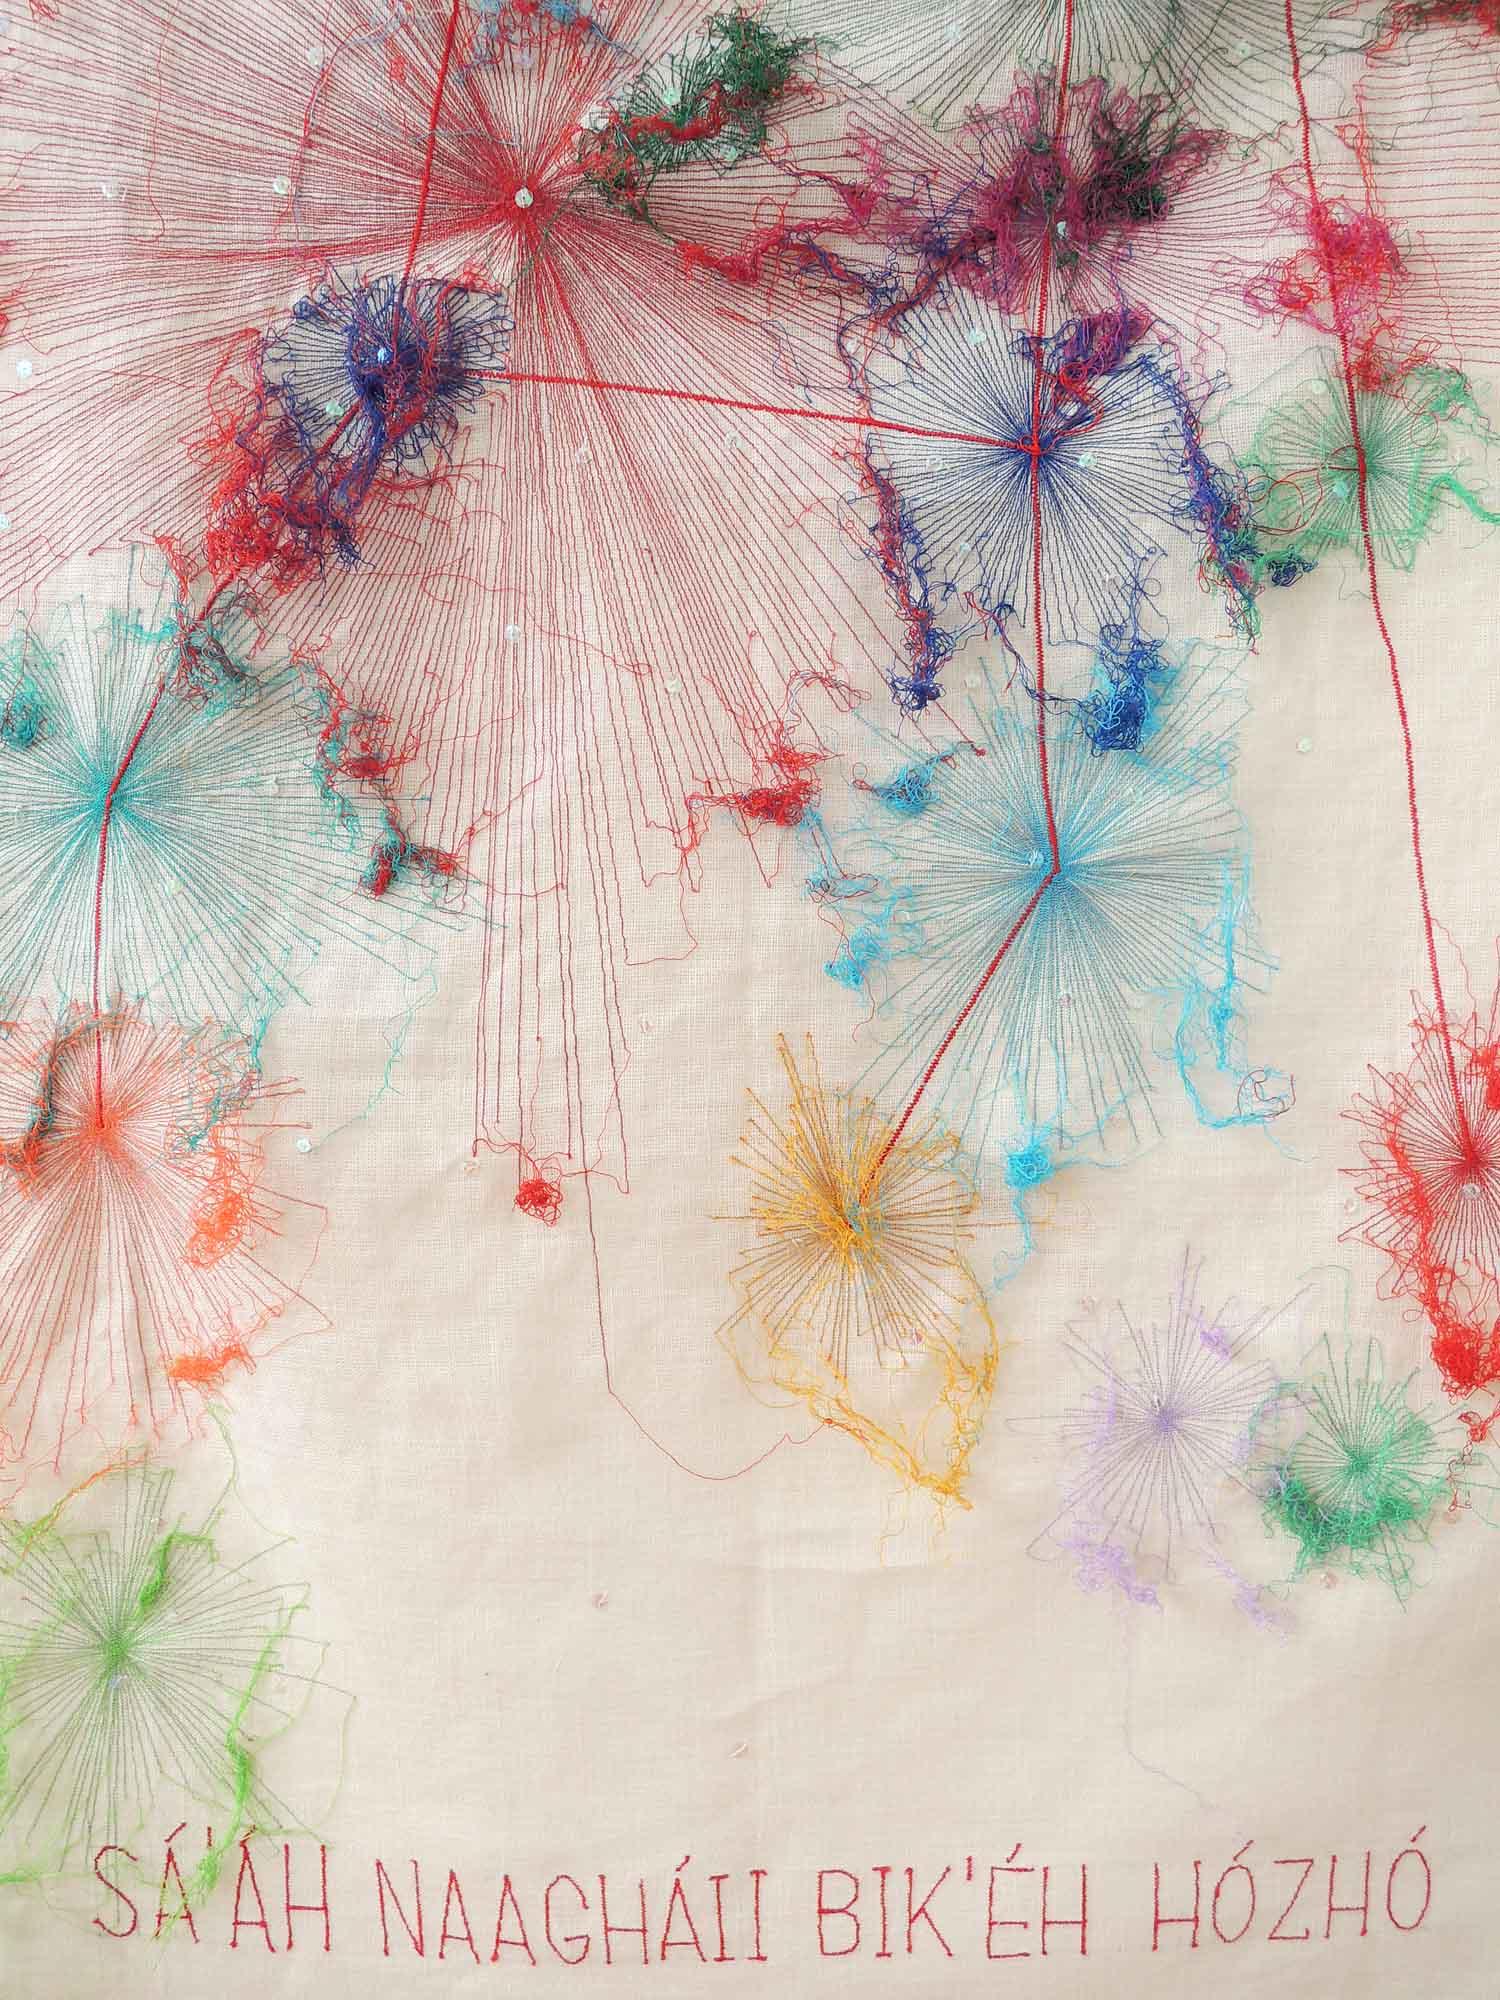 The Elder. 2014. Detail. Studio Guenzani, Milan. Ph: Barbara Asnaghi